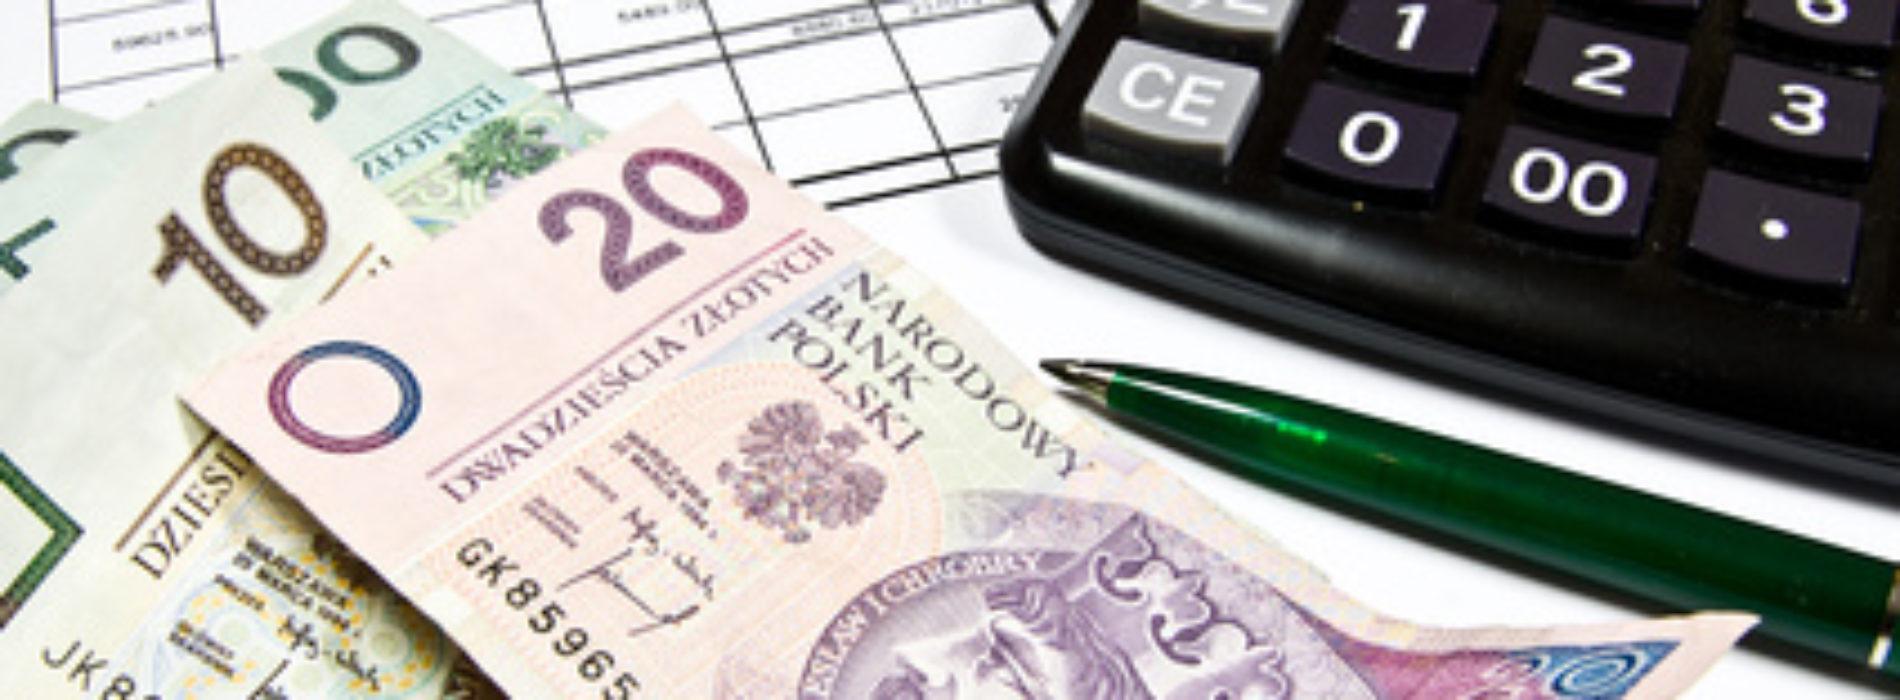 Ile może zabrać komornik z wynagrodzenia 2021 roku – nowe limity